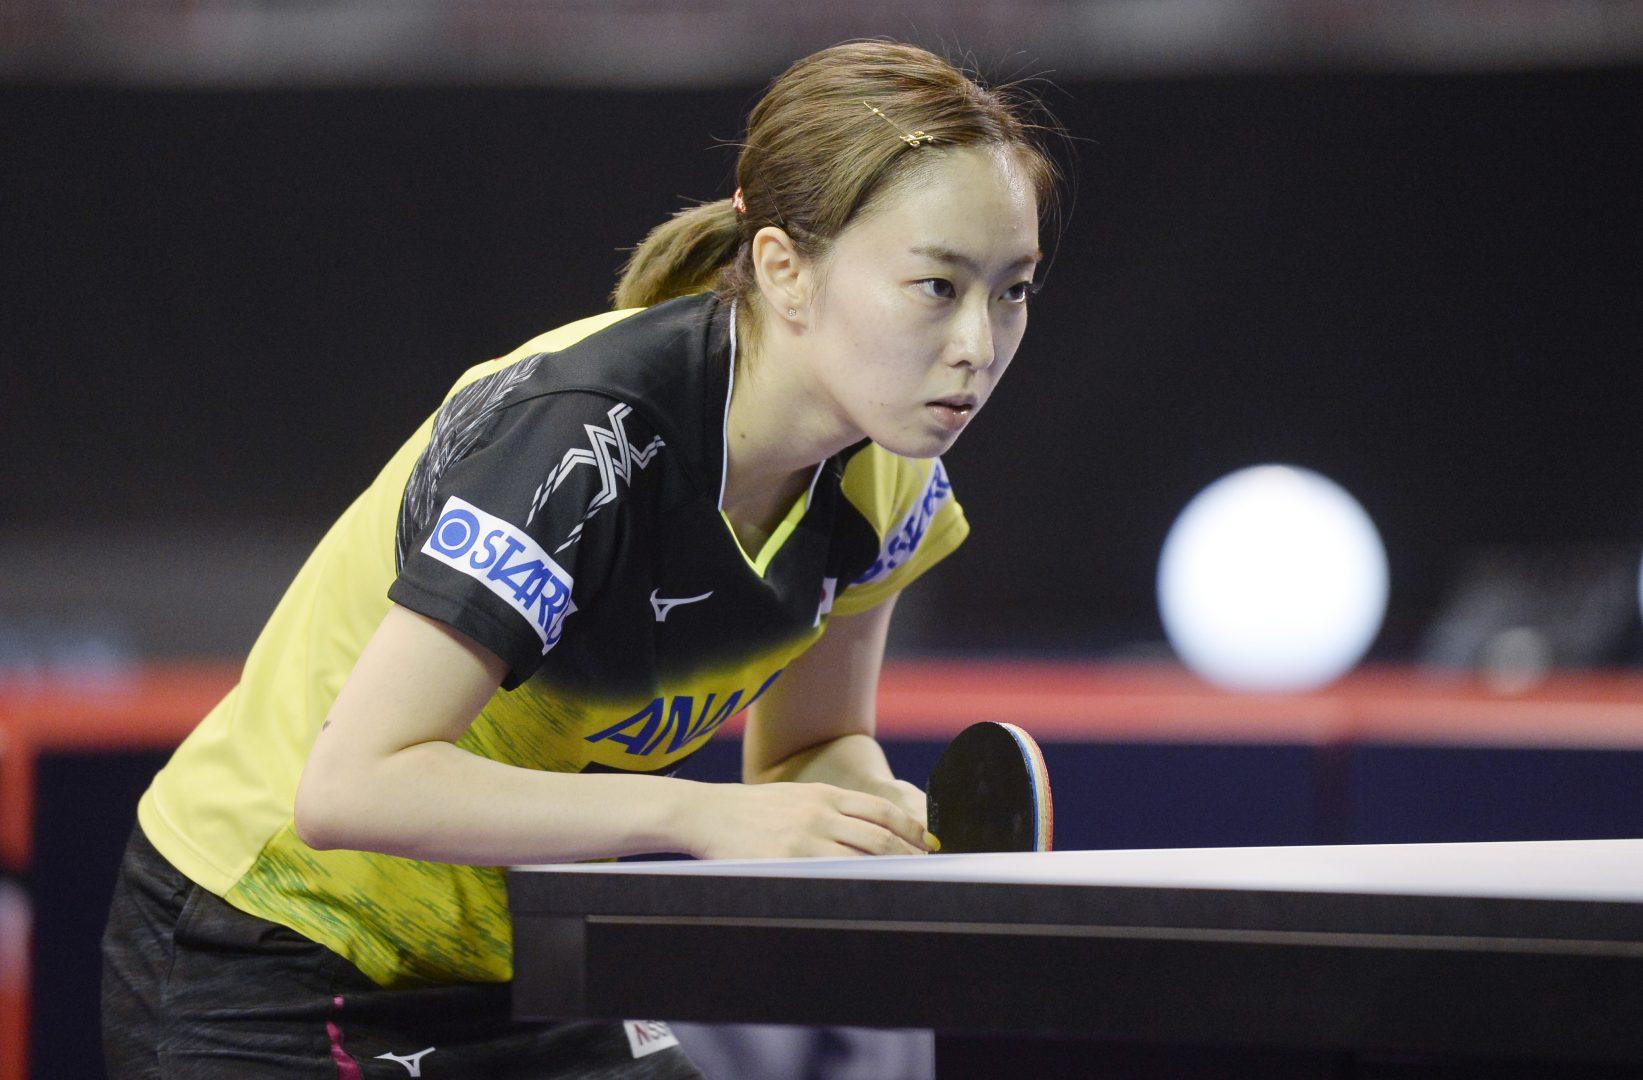 石川がワールドツアー2大会連続ベスト4<卓球・ITTFオーストラリアOP・女子5日目>